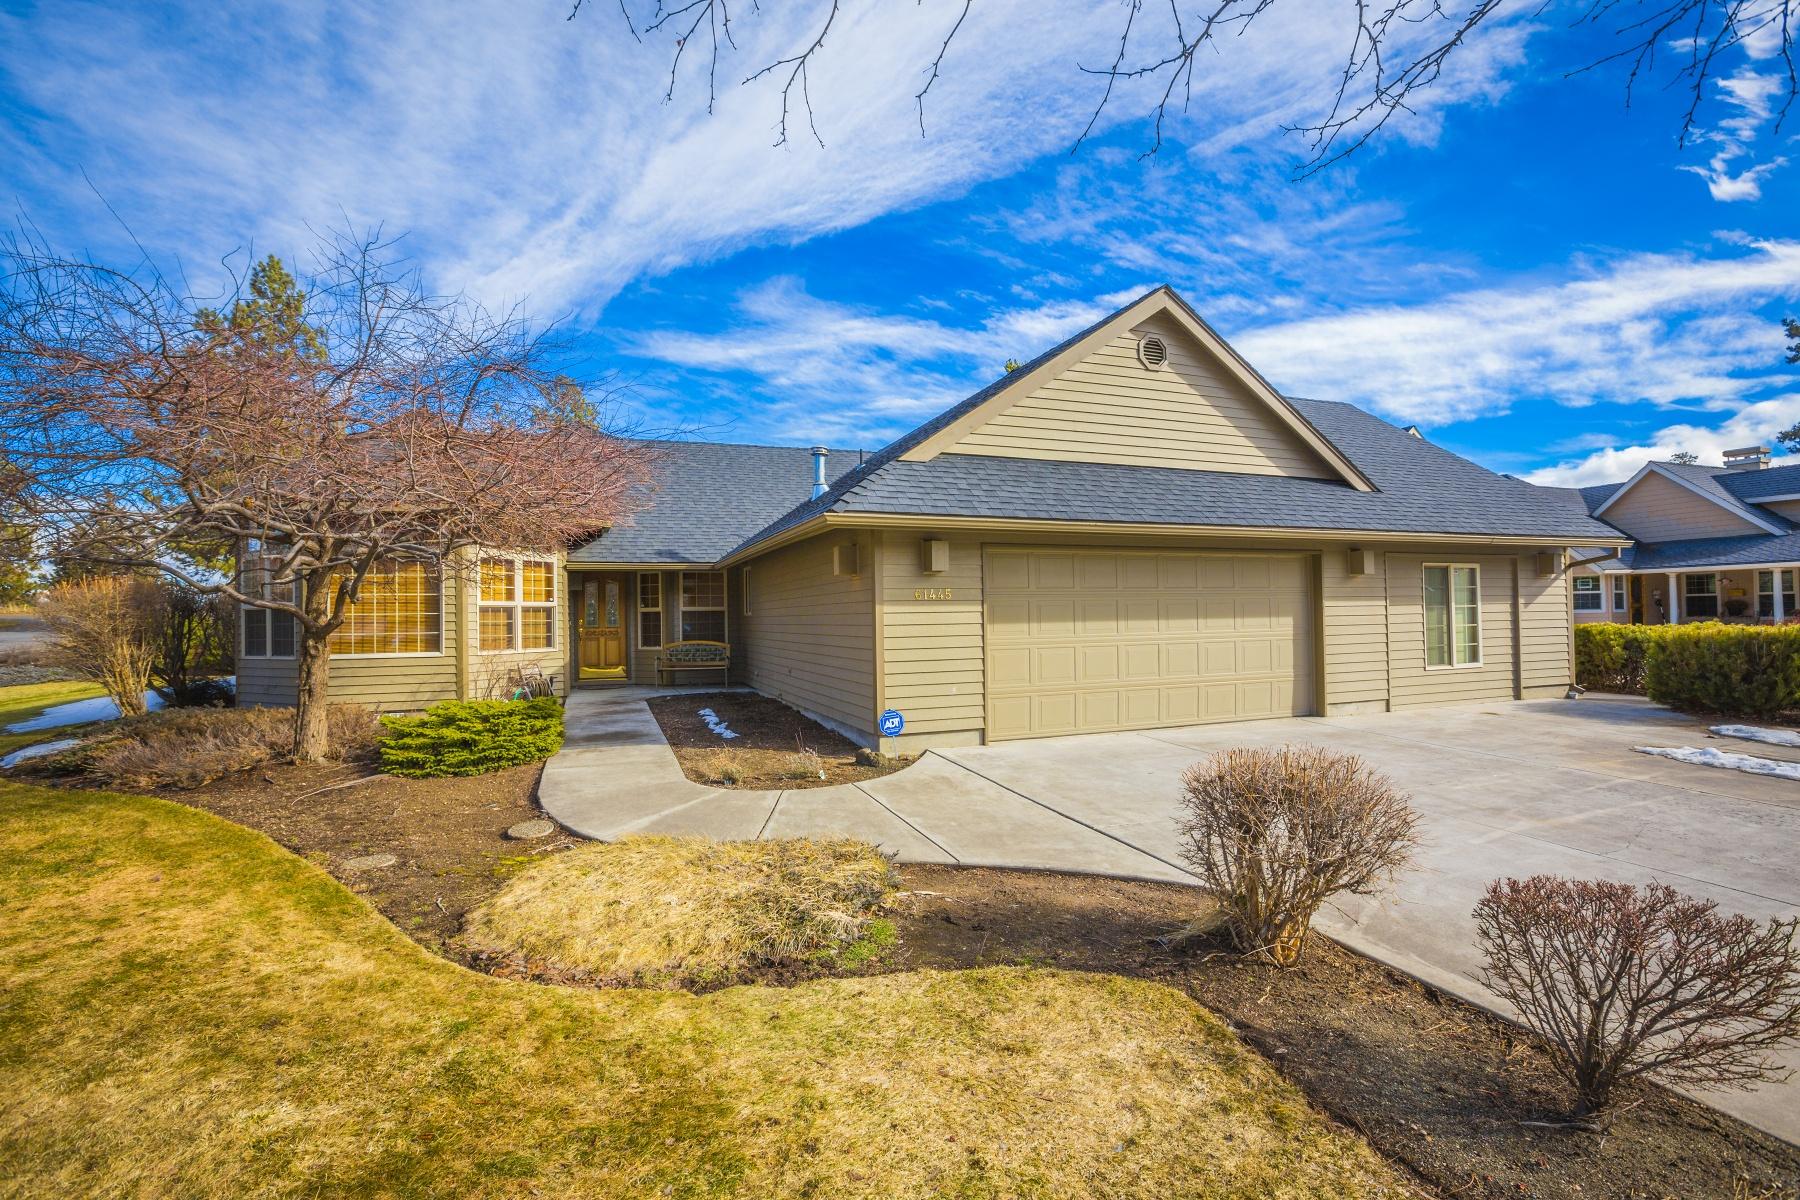 Maison unifamiliale pour l Vente à Ranch Single Level on 1/2 Acre! 61445 Steens Mountain Loop Bend, Oregon, 97702 États-Unis